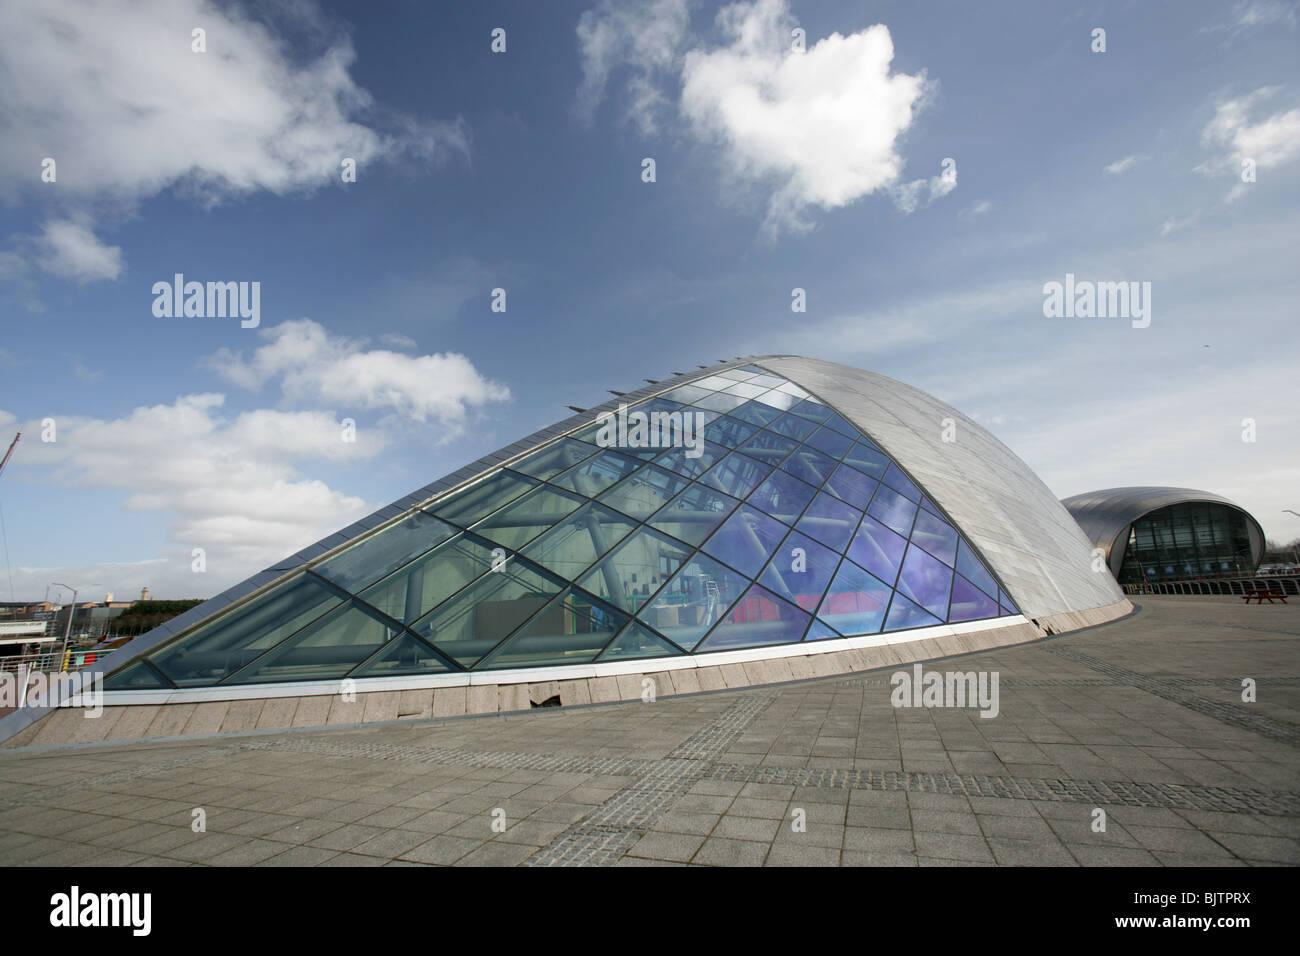 Ville de Glasgow, en Écosse. Large vue rapprochée de la Science Center avec le cinéma IMAX dans l'arrière-plan. Banque D'Images